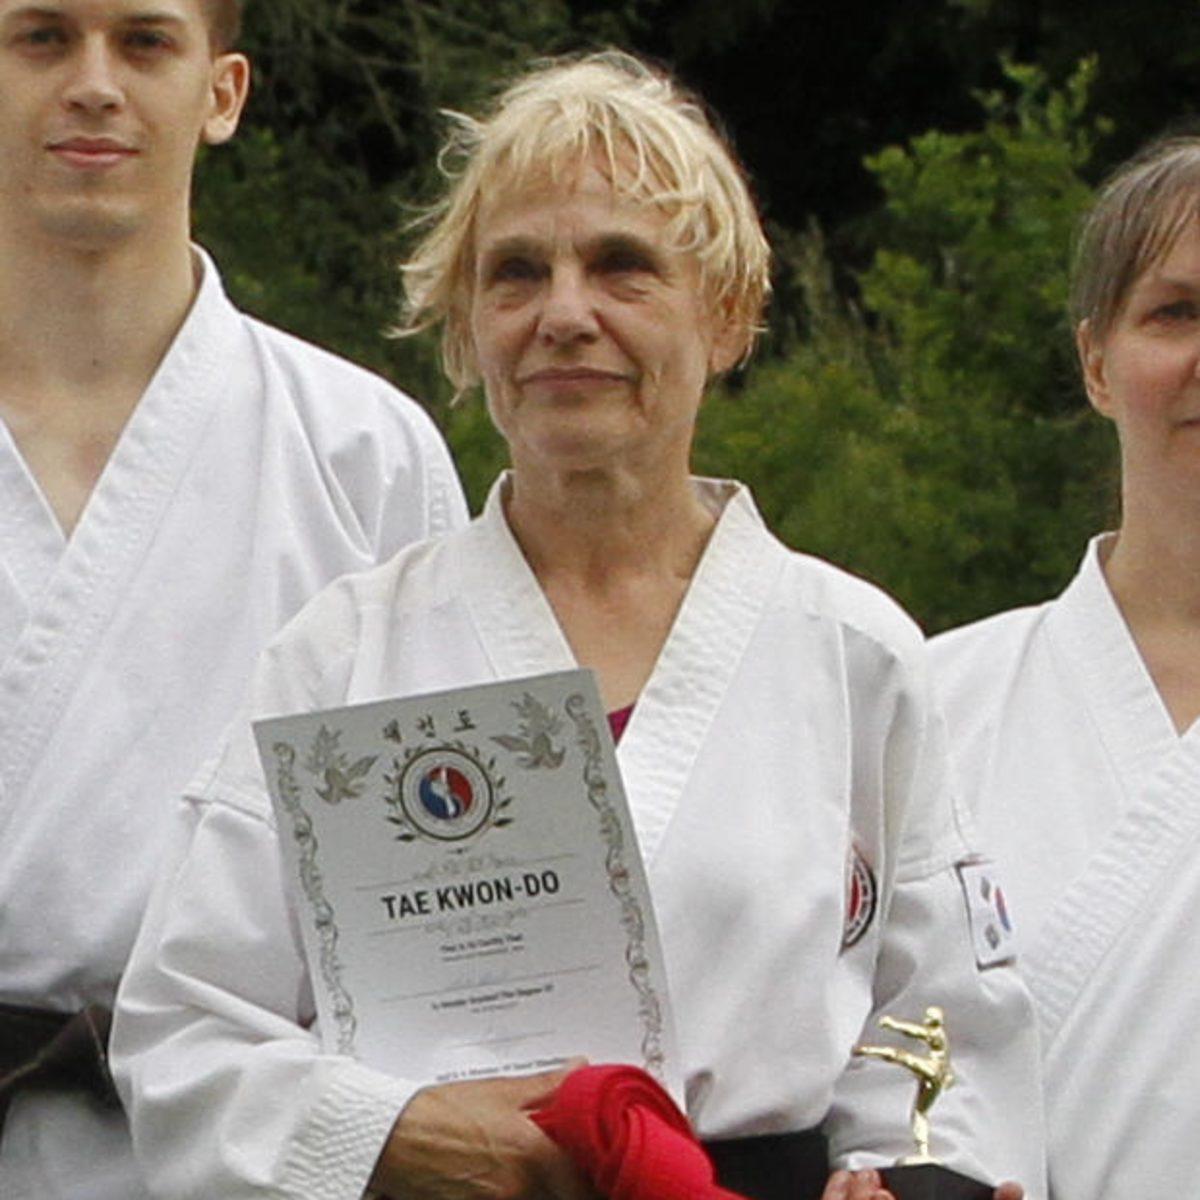 Meisterin Anita Eckardt, 1. Dan - Jena